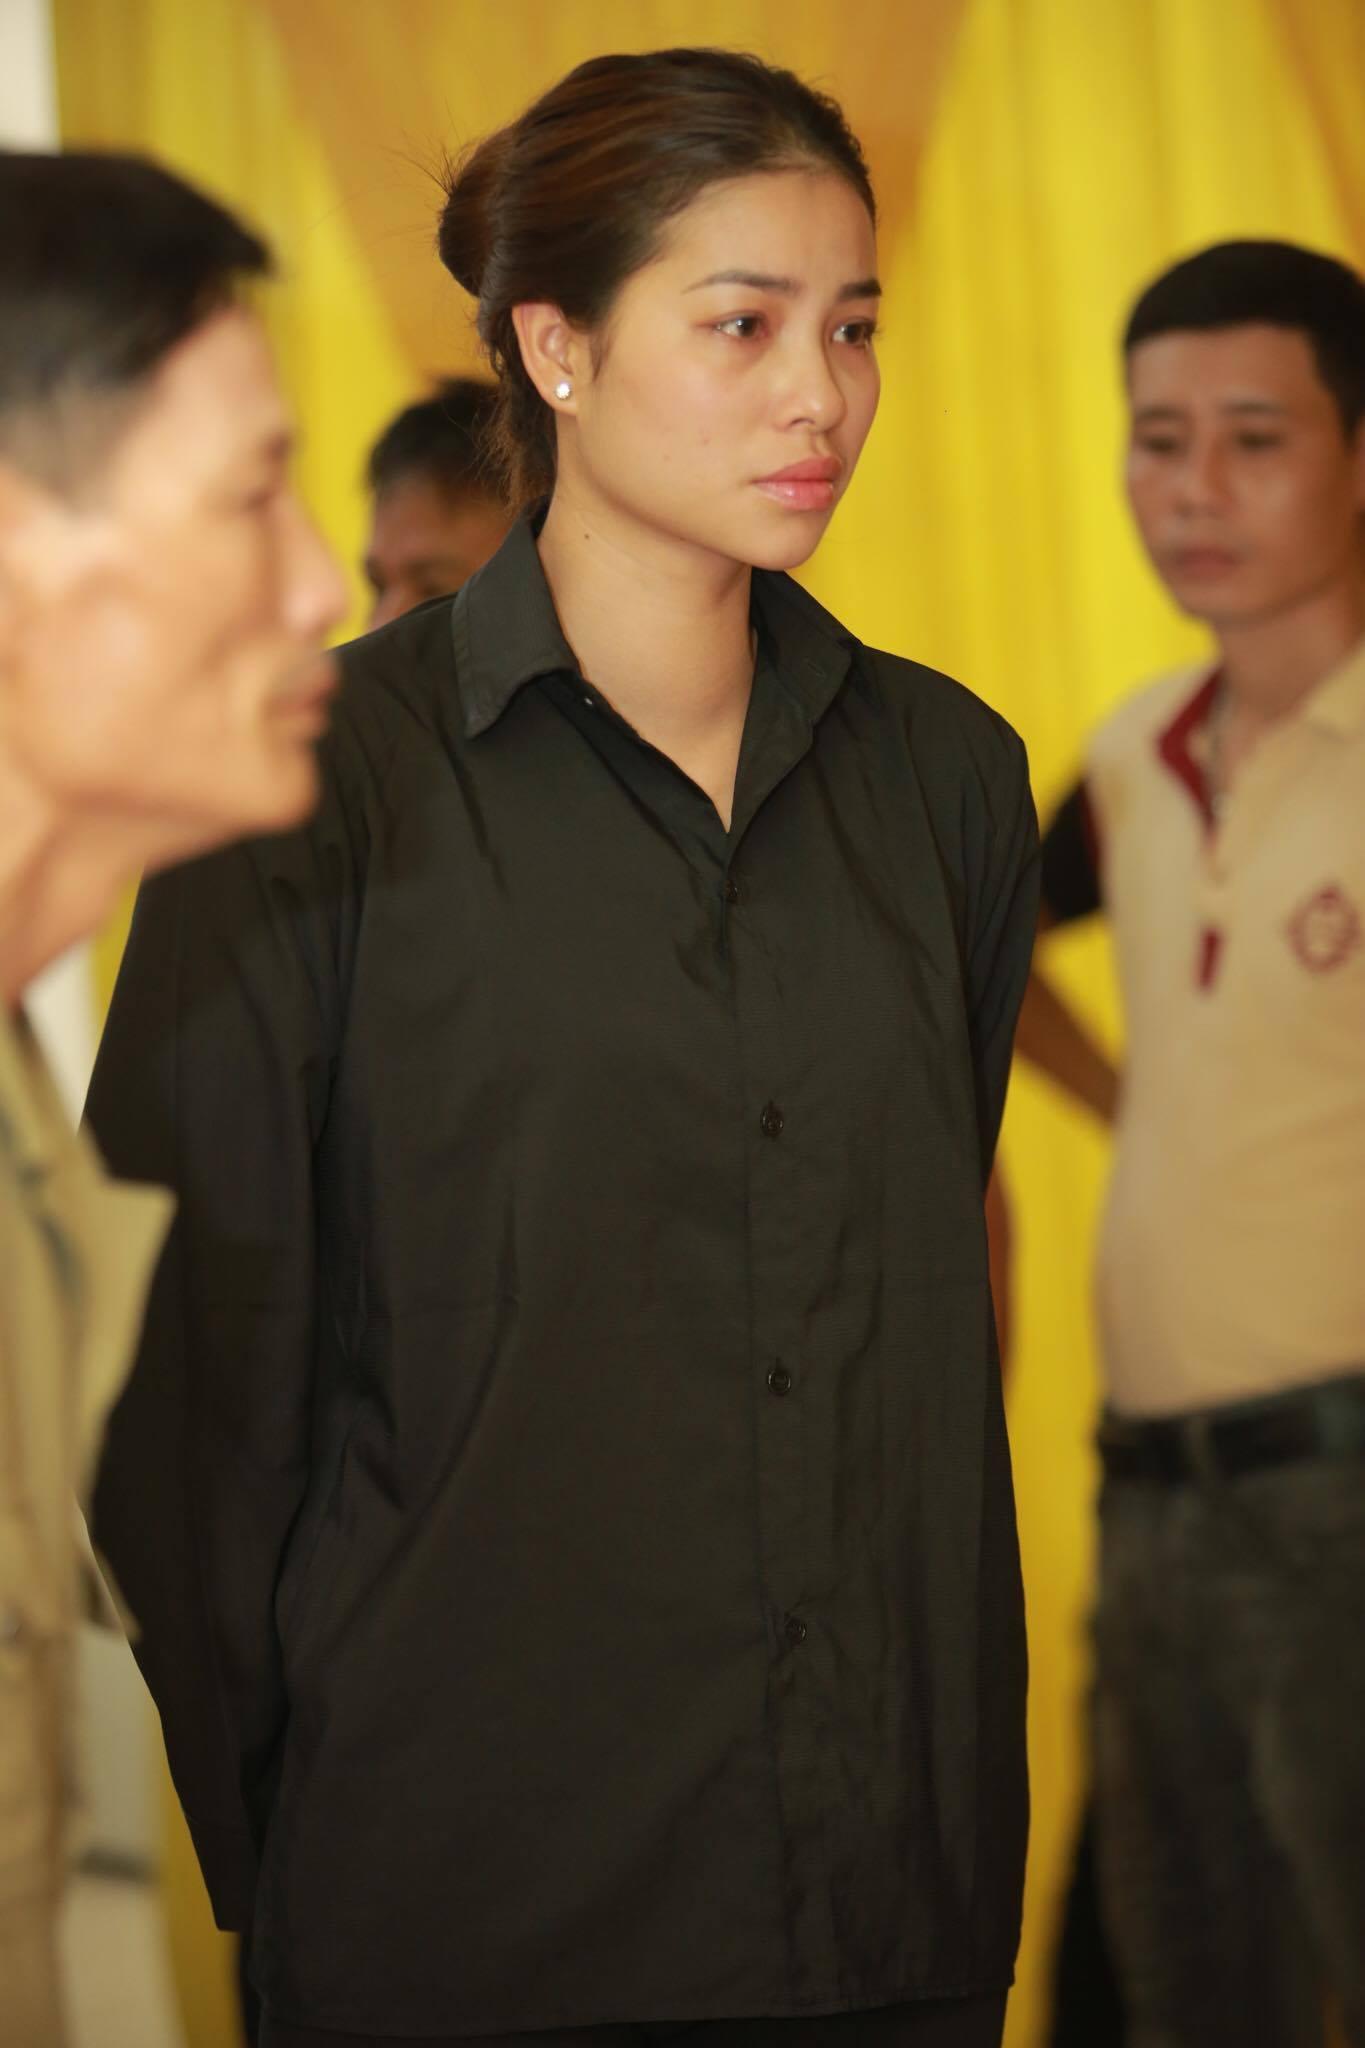 Phạm Hương suy nhược đến kiệt sức phải truyền nước - Ảnh 2.